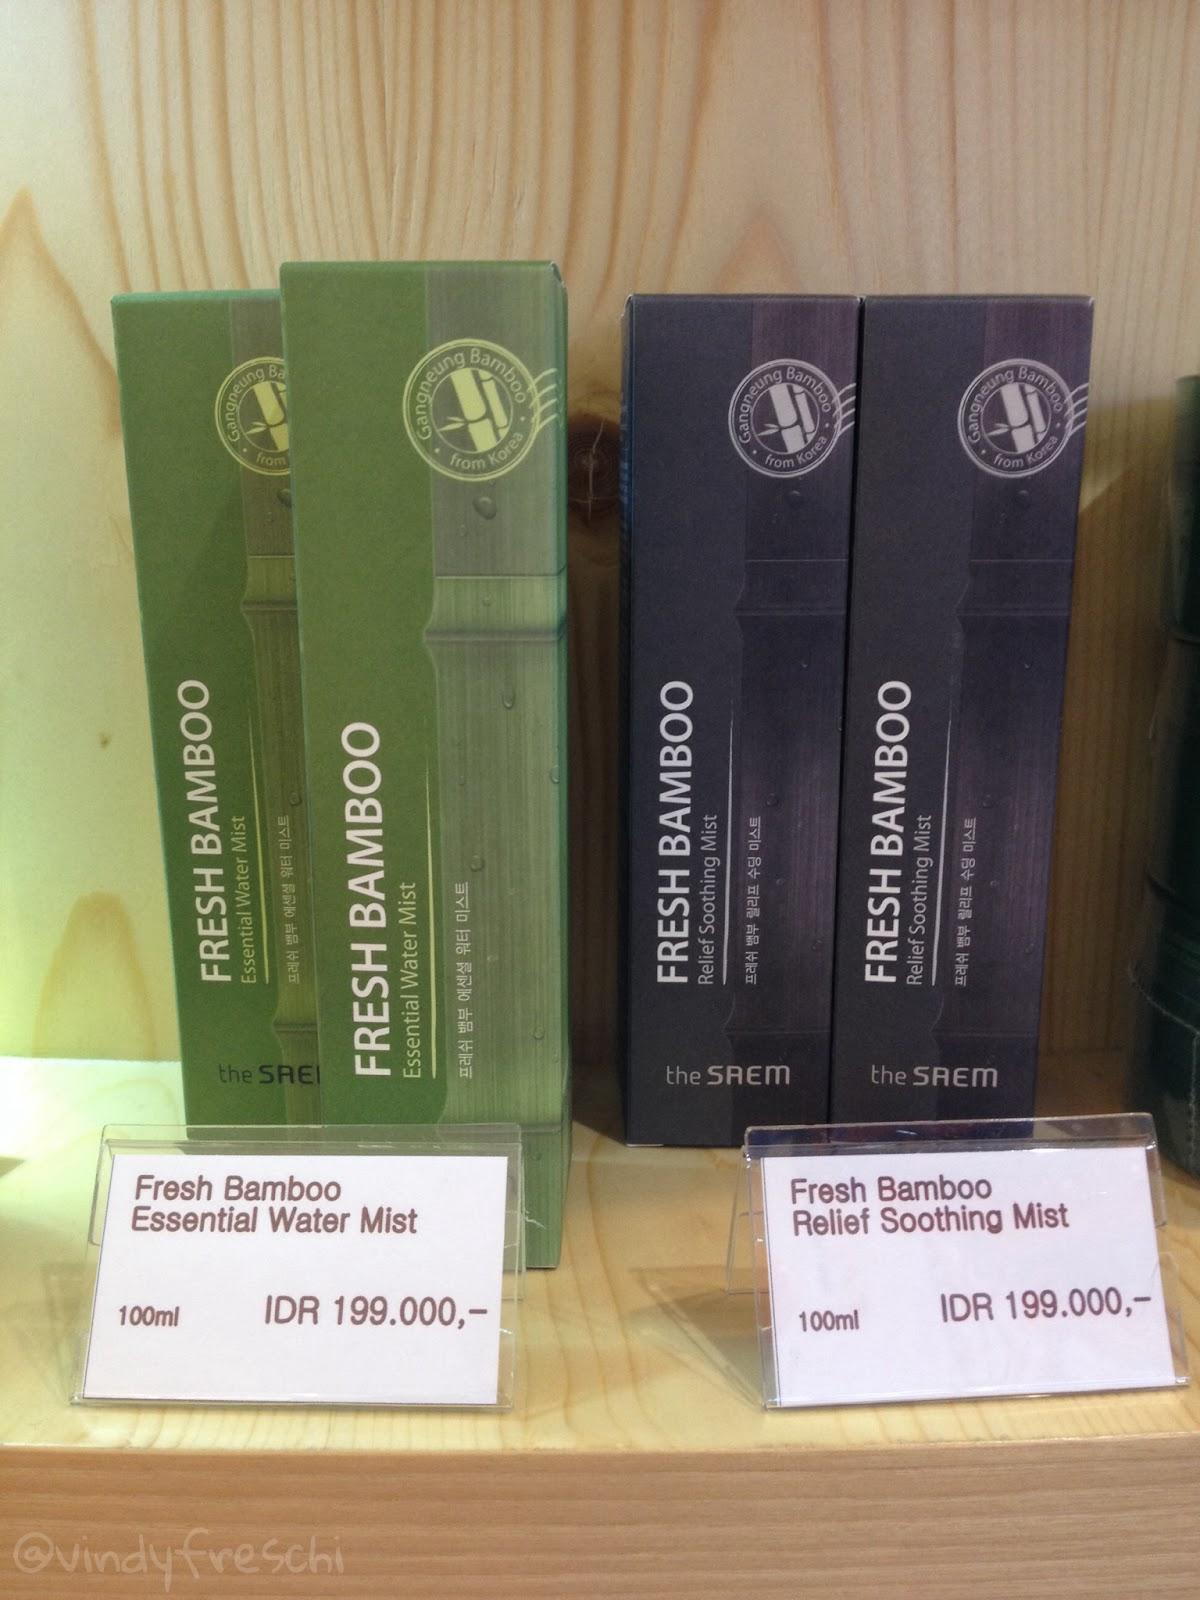 lebih disukai adalah varian Fresh Bamboo Essential Water Mist Water mist ini bisa digunakan untuk wajah dan tubuh Khasiatnya sama seperti Soothing